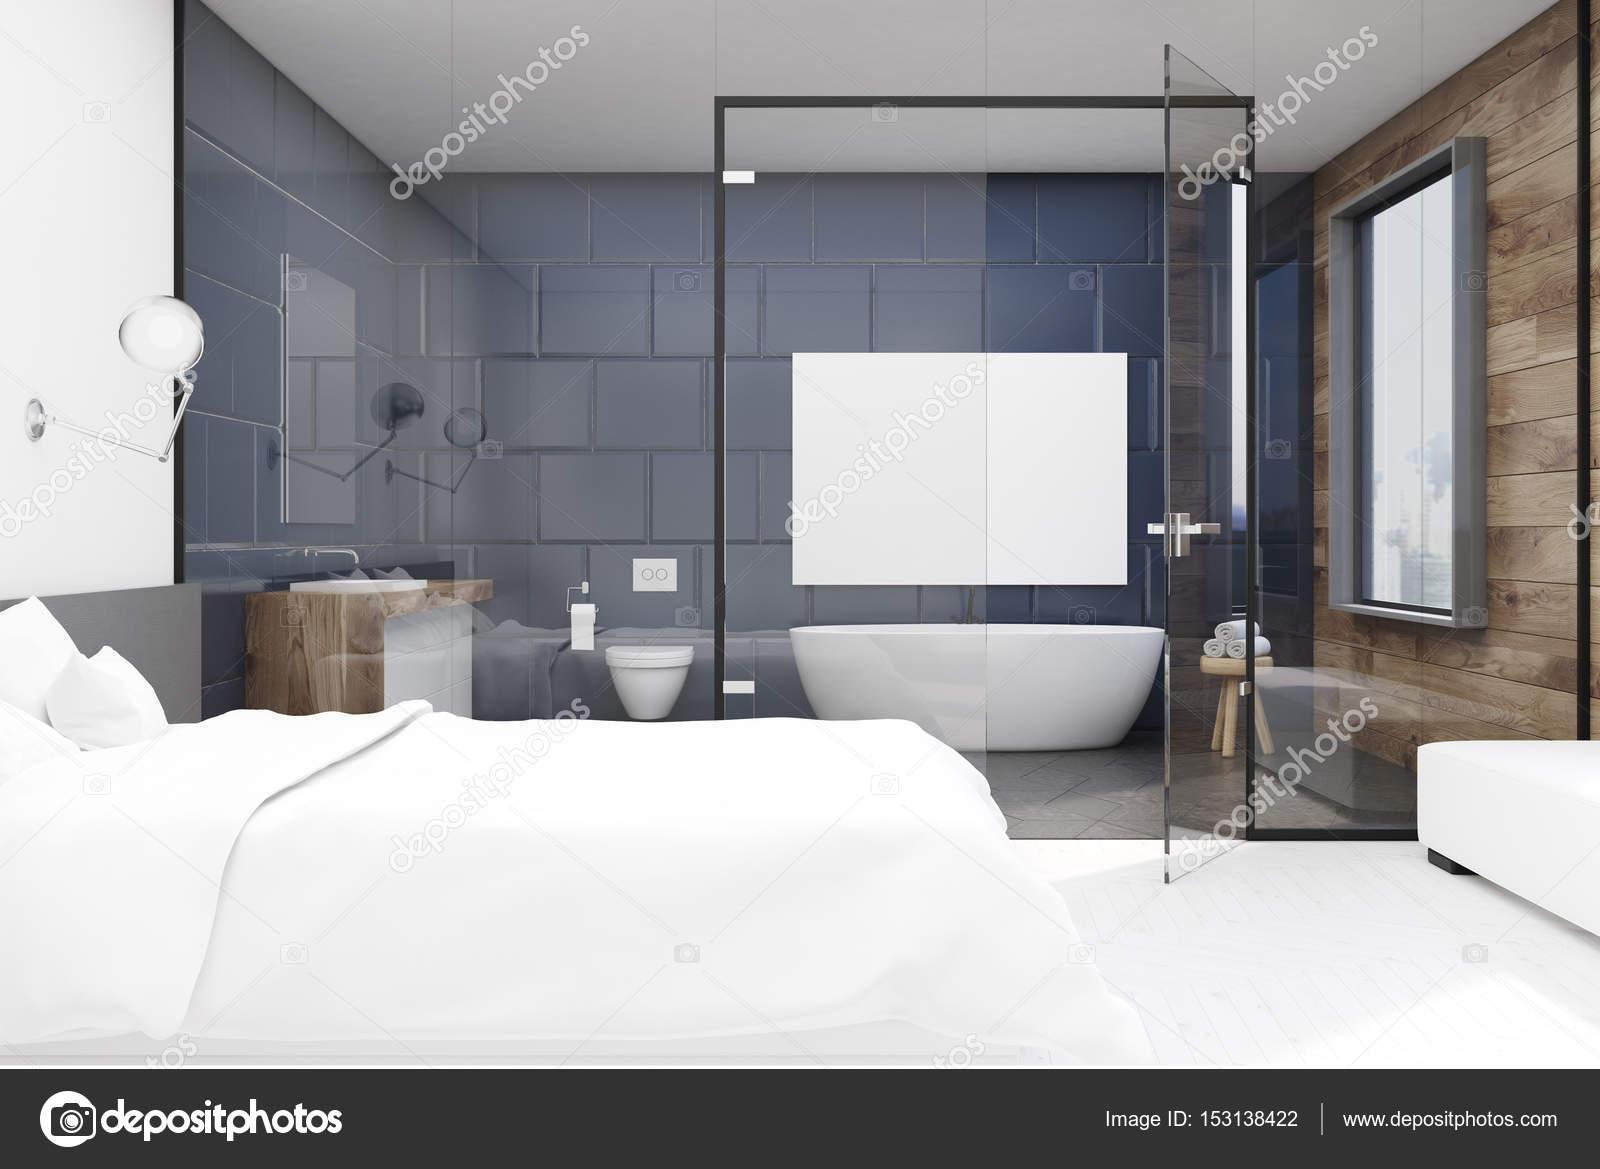 Bagno In Camera Con Vetrata : Camera da letto con bagno grigio anteriore u2014 foto stock